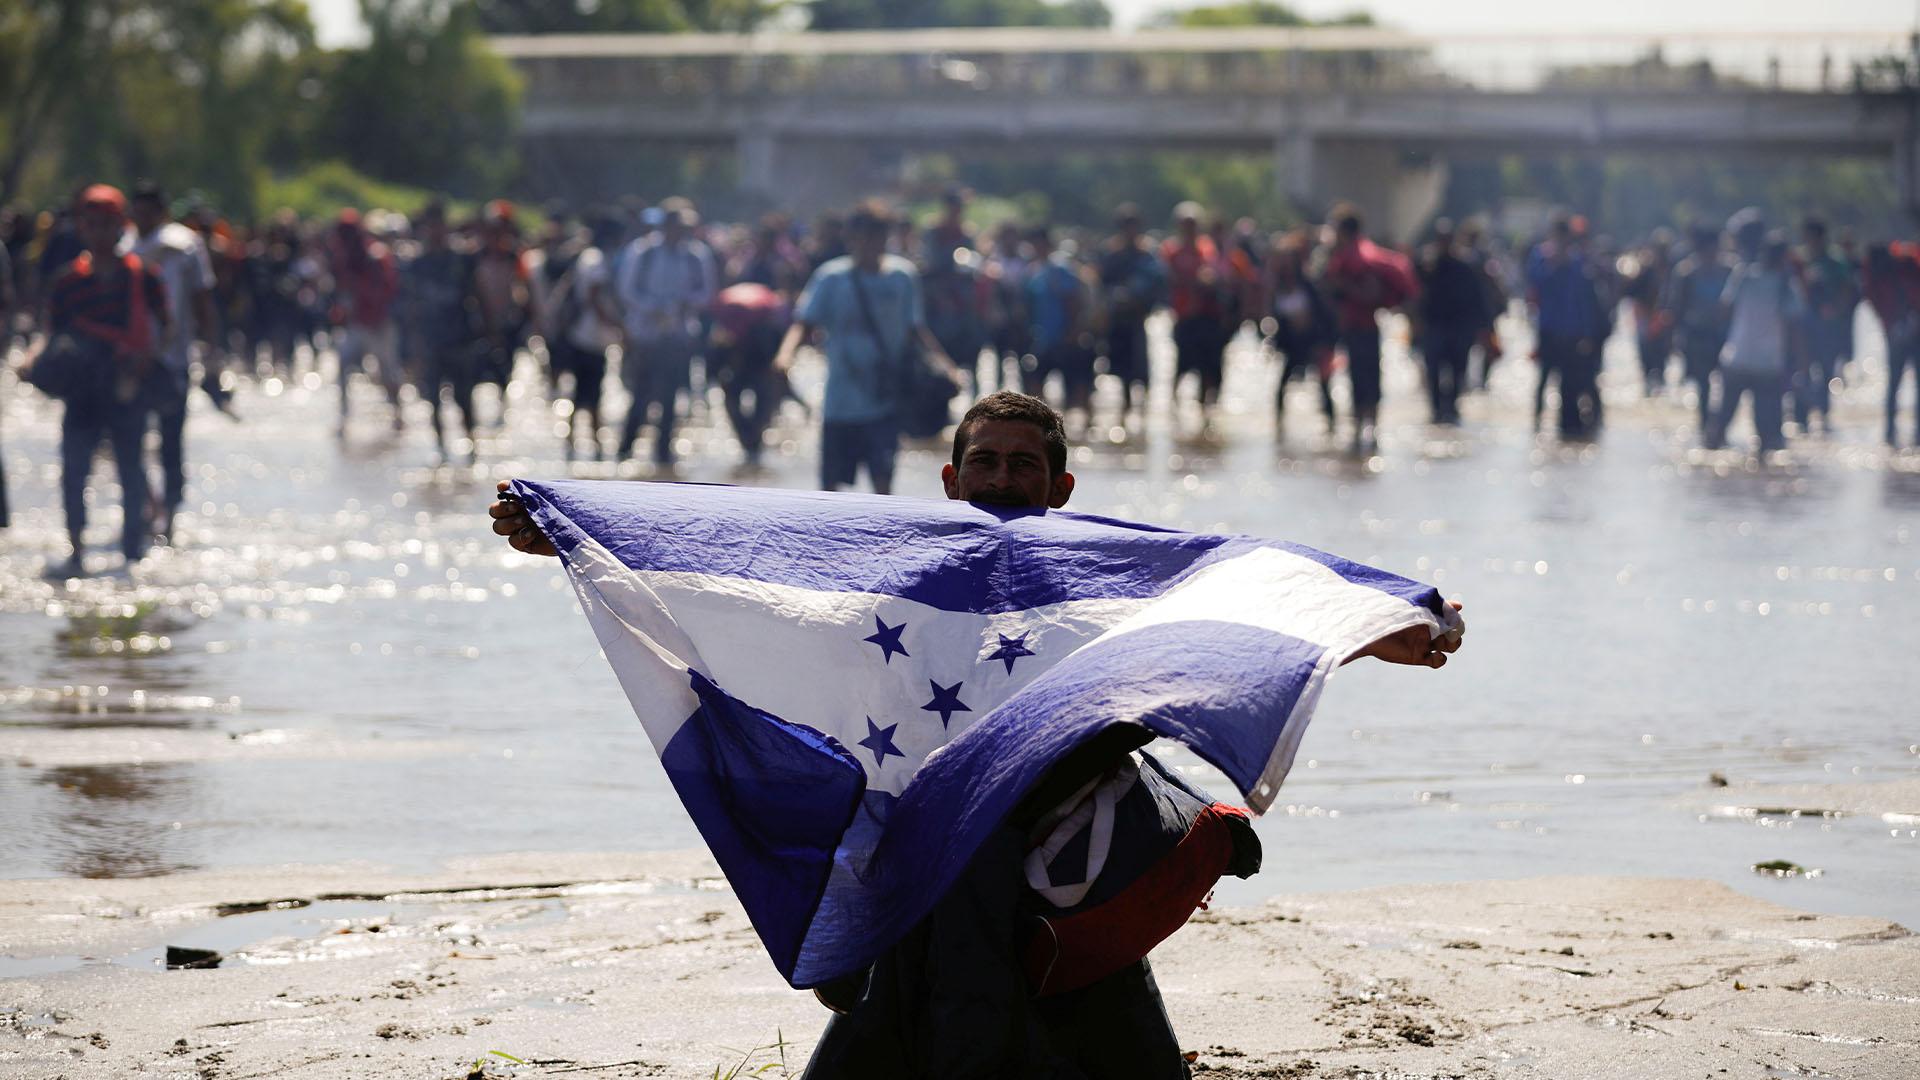 Un inmigrante sostiene la bandera de Honduras mientras intentan cruzar por la fuerza la frontera de México con este país (Foto: José Cabezas/Reuters)